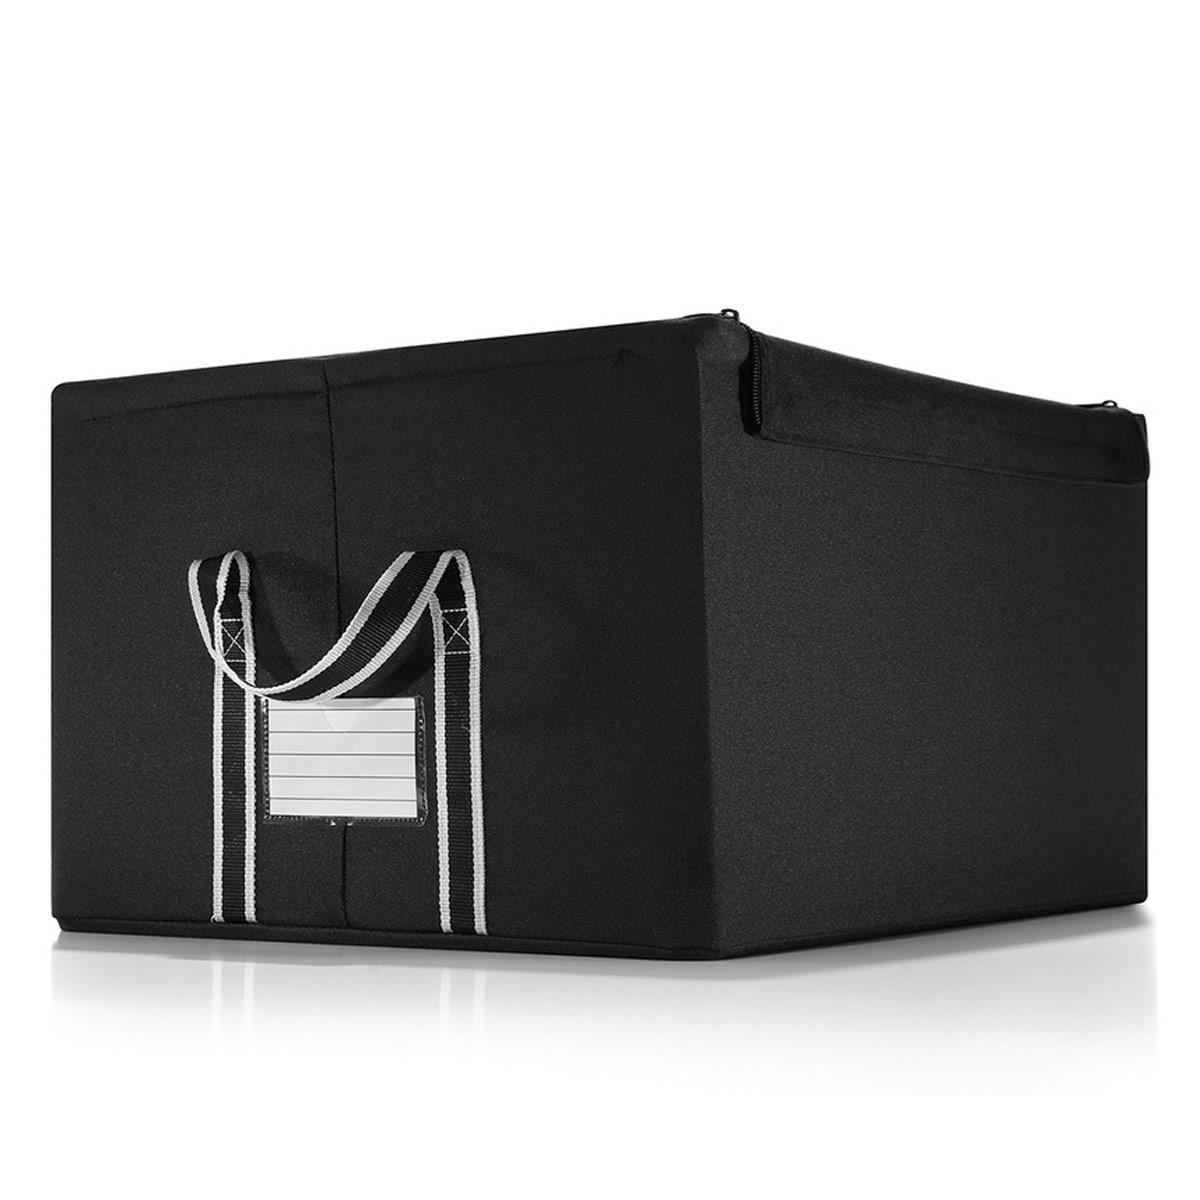 Коробка для хранения Reisenthel Storagebox, большая, цвет: черныйFT7003Универсальная коробка из полиэстера, пригодится для хранения сезонной одежды и обуви, аксессуаров, старых дневников и открыток, канцелярских и других мелочи. Телескопический проволочный каркас и жесткое днище обеспечивают стабильность и устойчивость коробки. По бокам коробки две ручки для удобства переноски. Также можно подписать лейбл, с указанием содержимого коробки. Объем коробки: 60 л. Максимальная нагрузка: 20 кг. Размер коробки: 51 см х 29,5 см х 41 см.